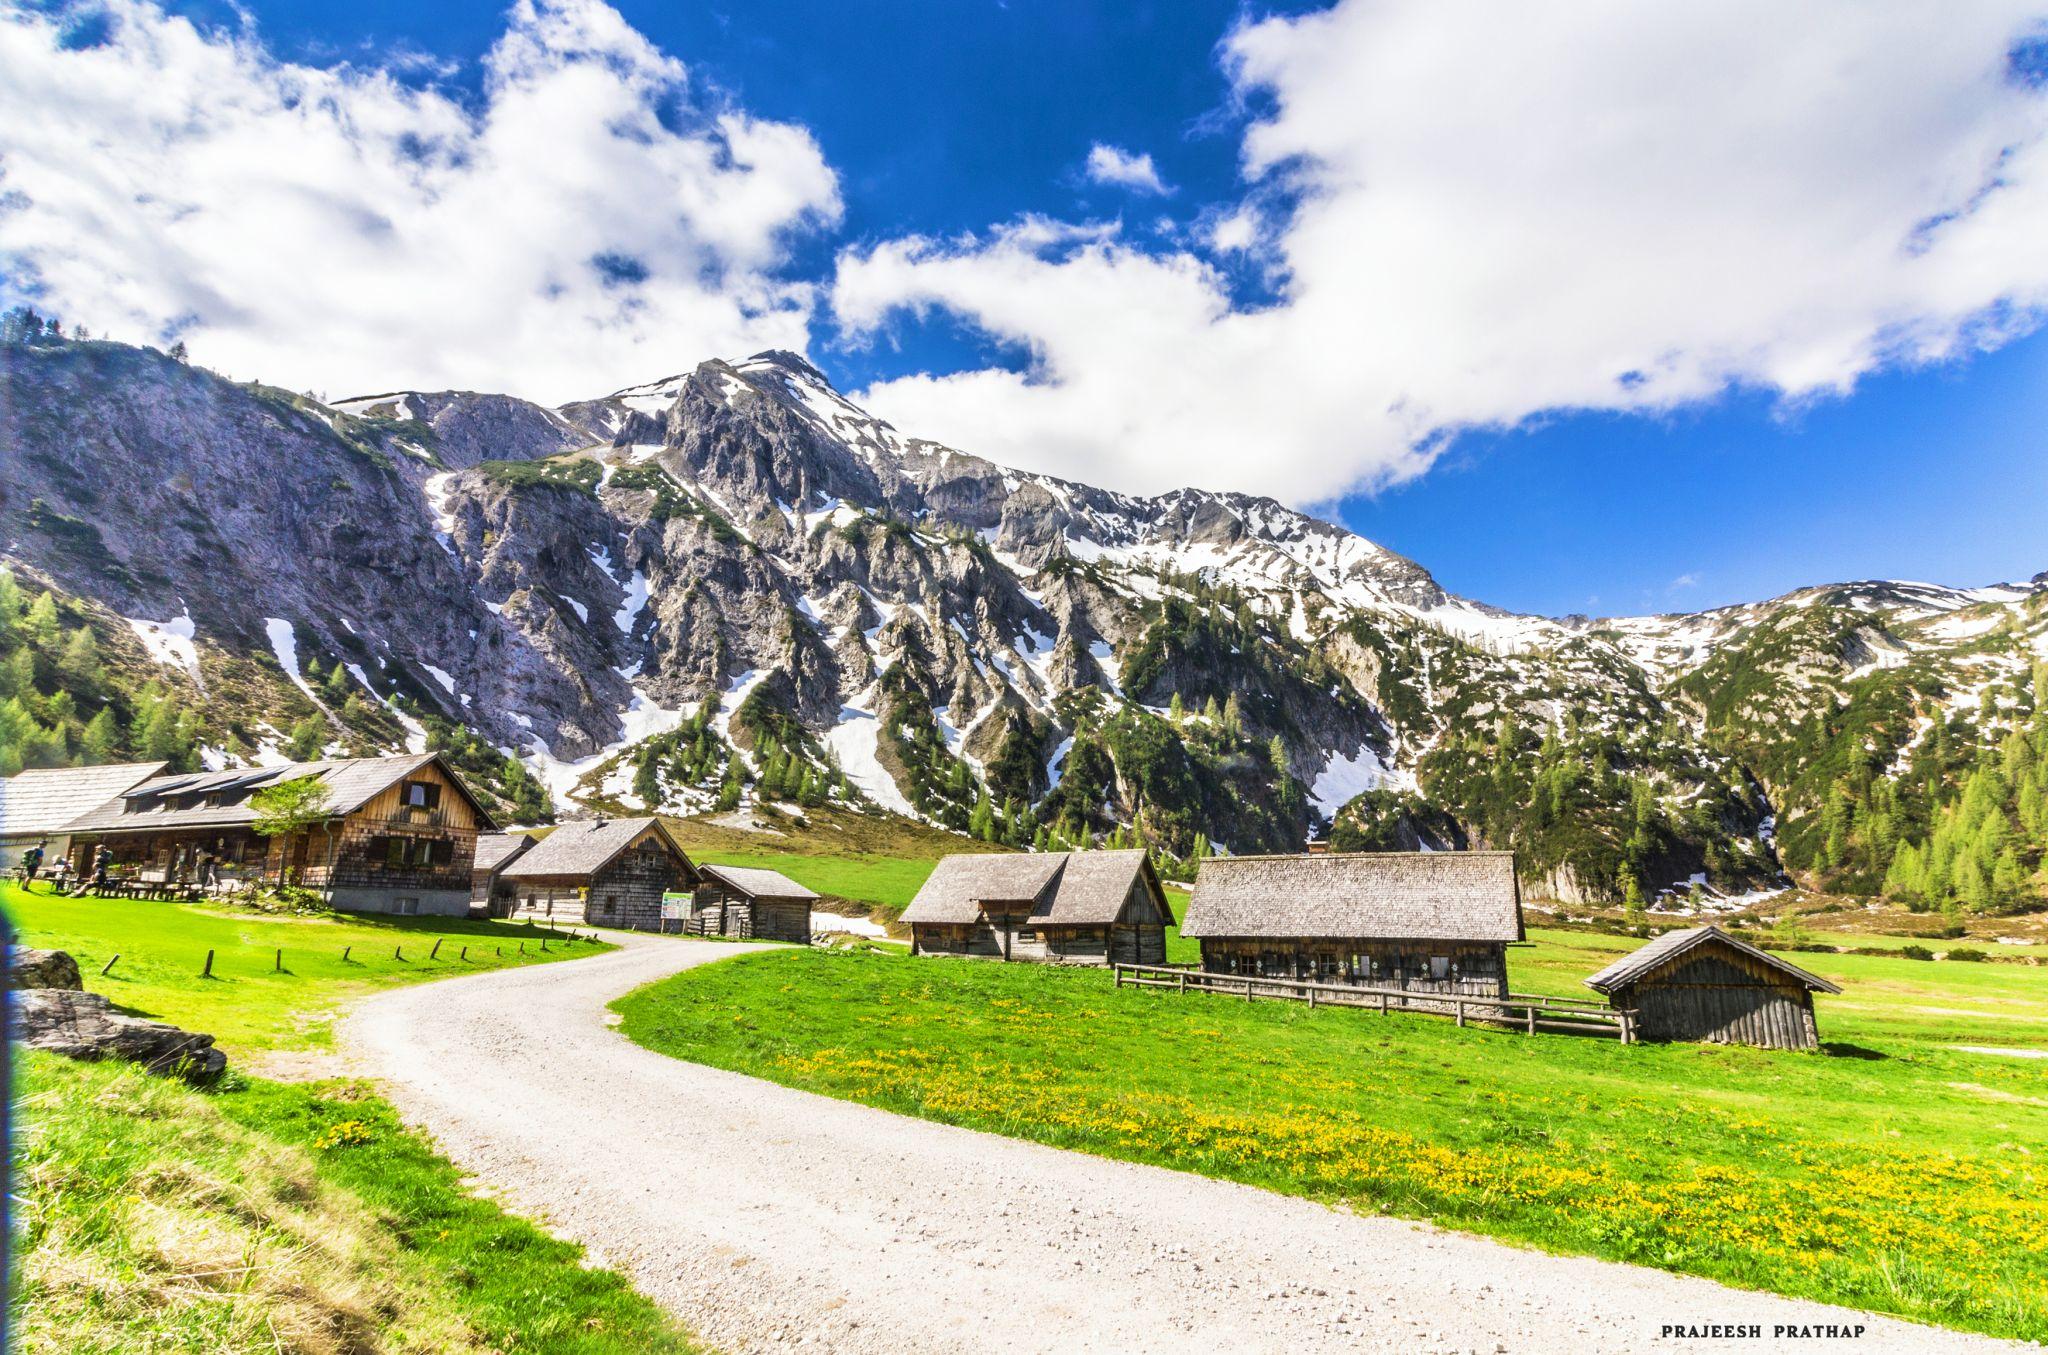 Steirlschen kalkspitze in the Schladminger Tauern, Austria